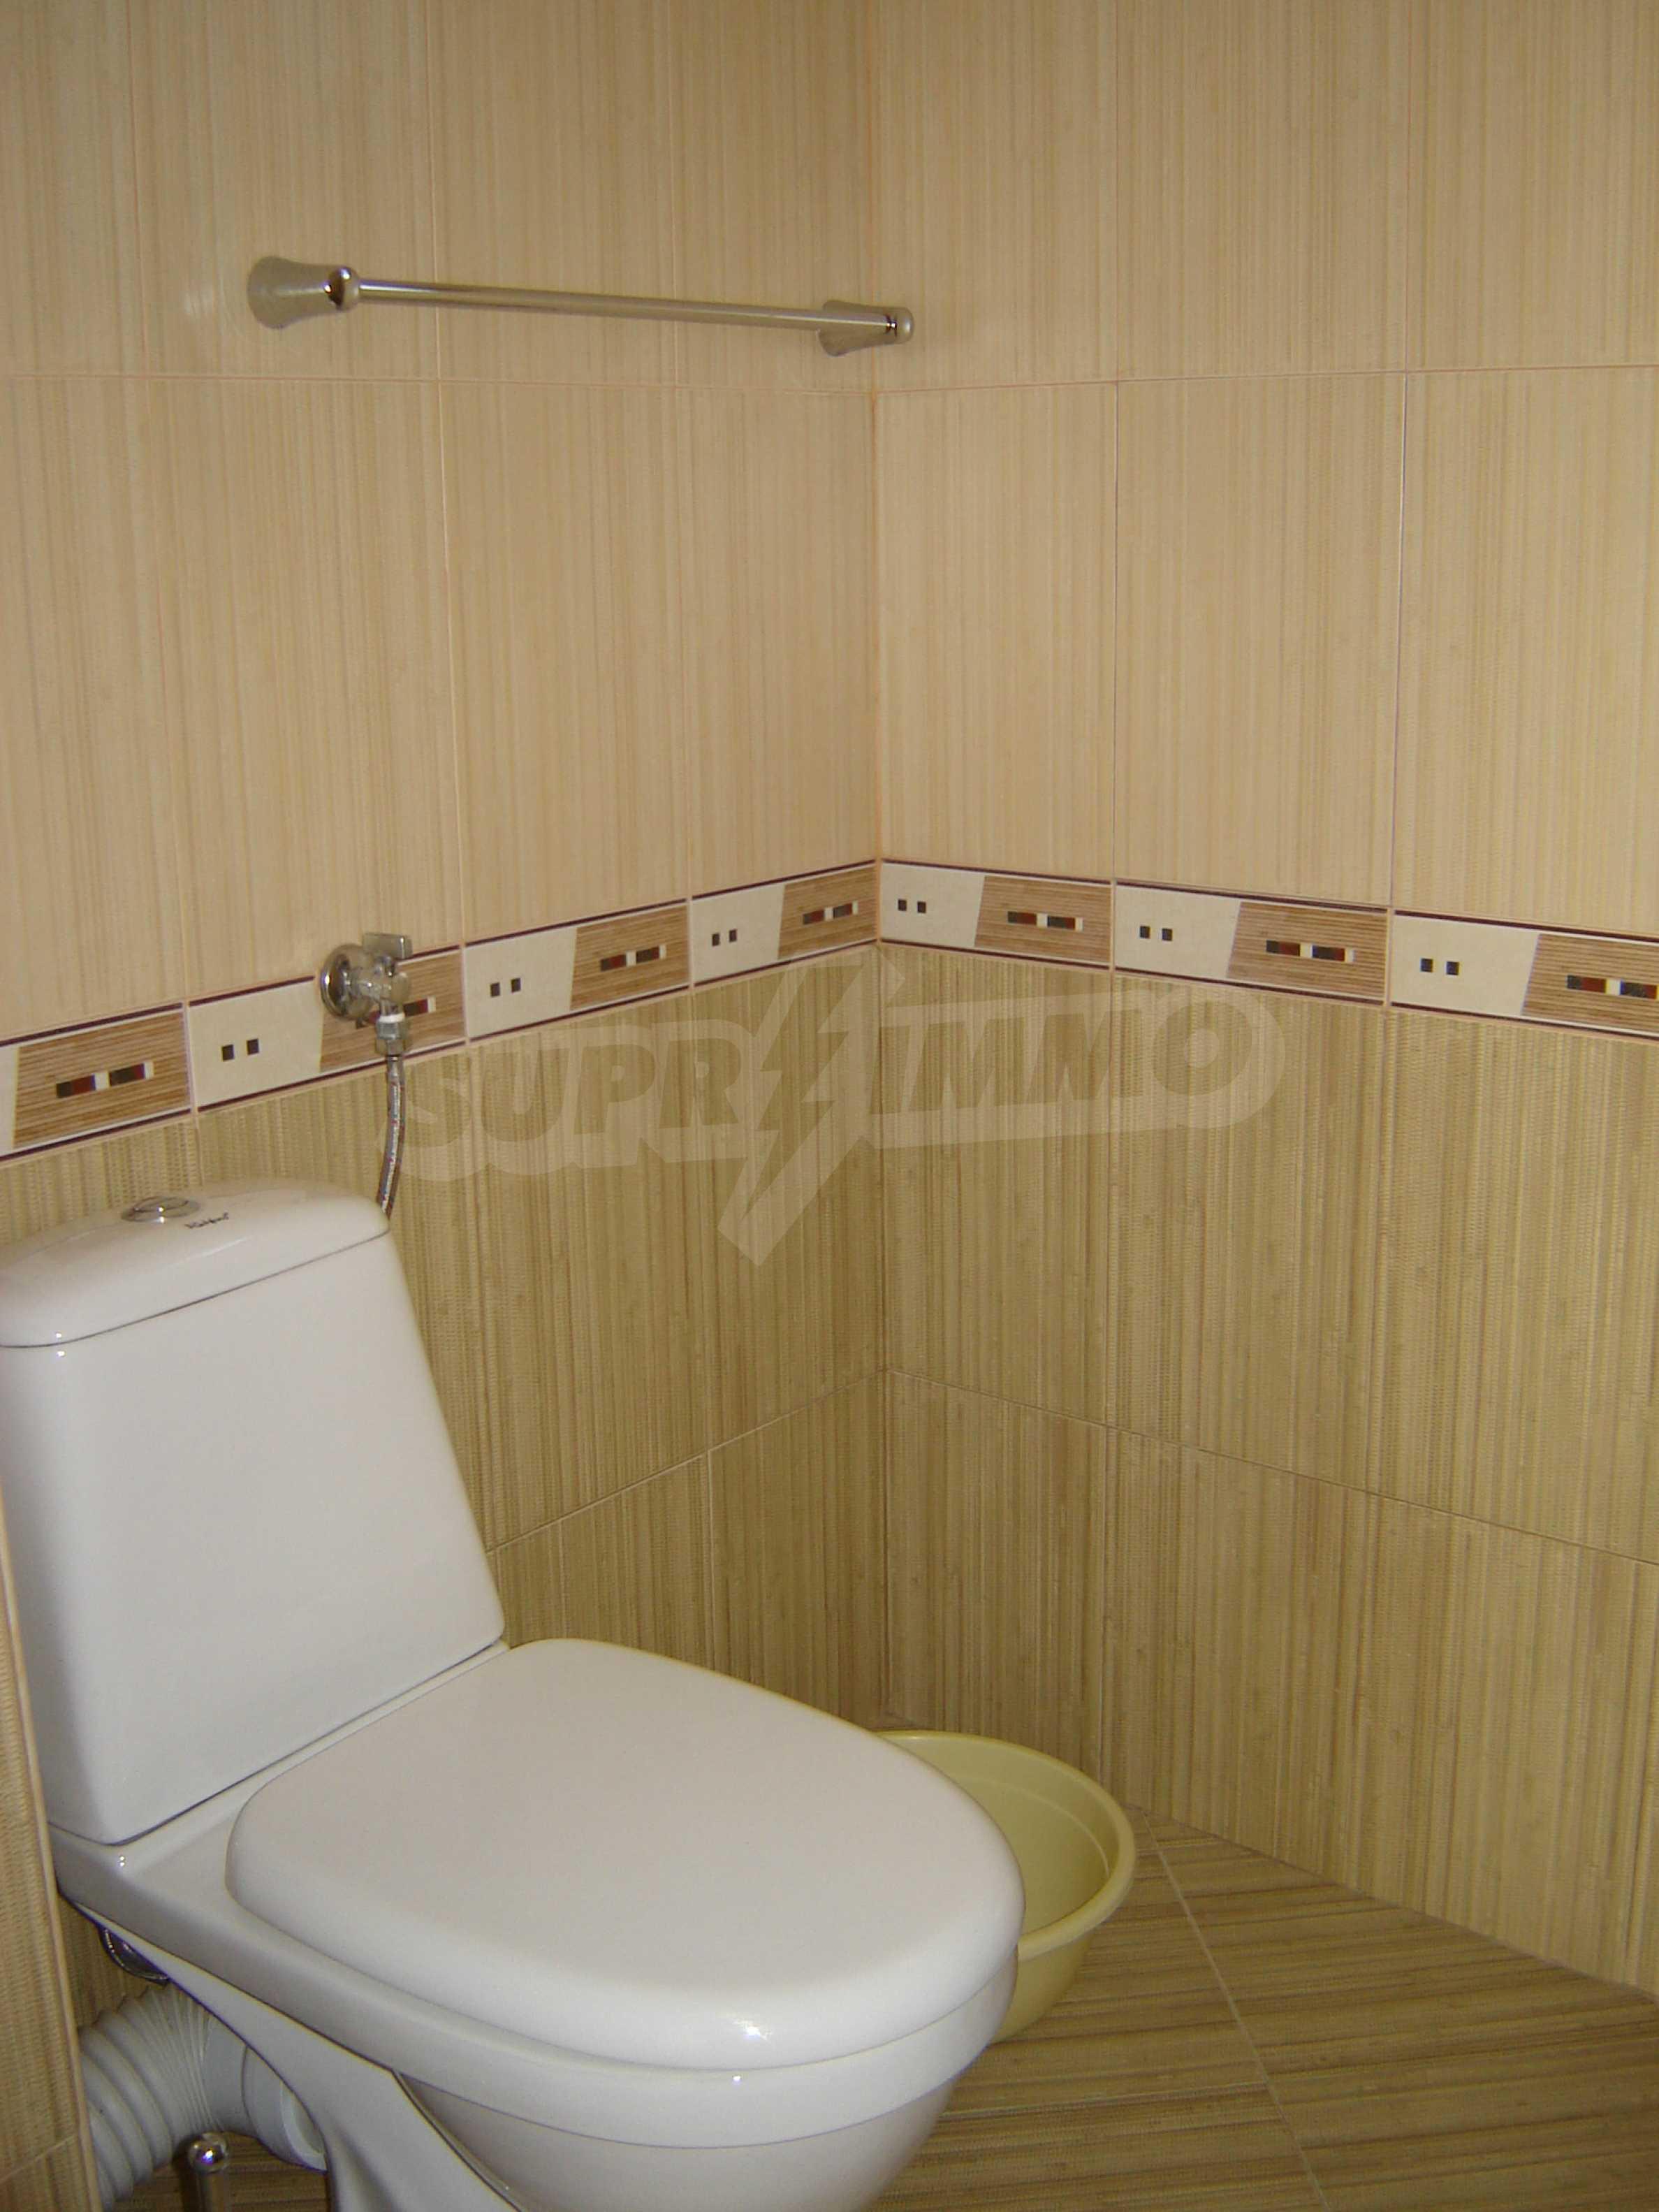 House of family hotel type for sale in Primorsko 11